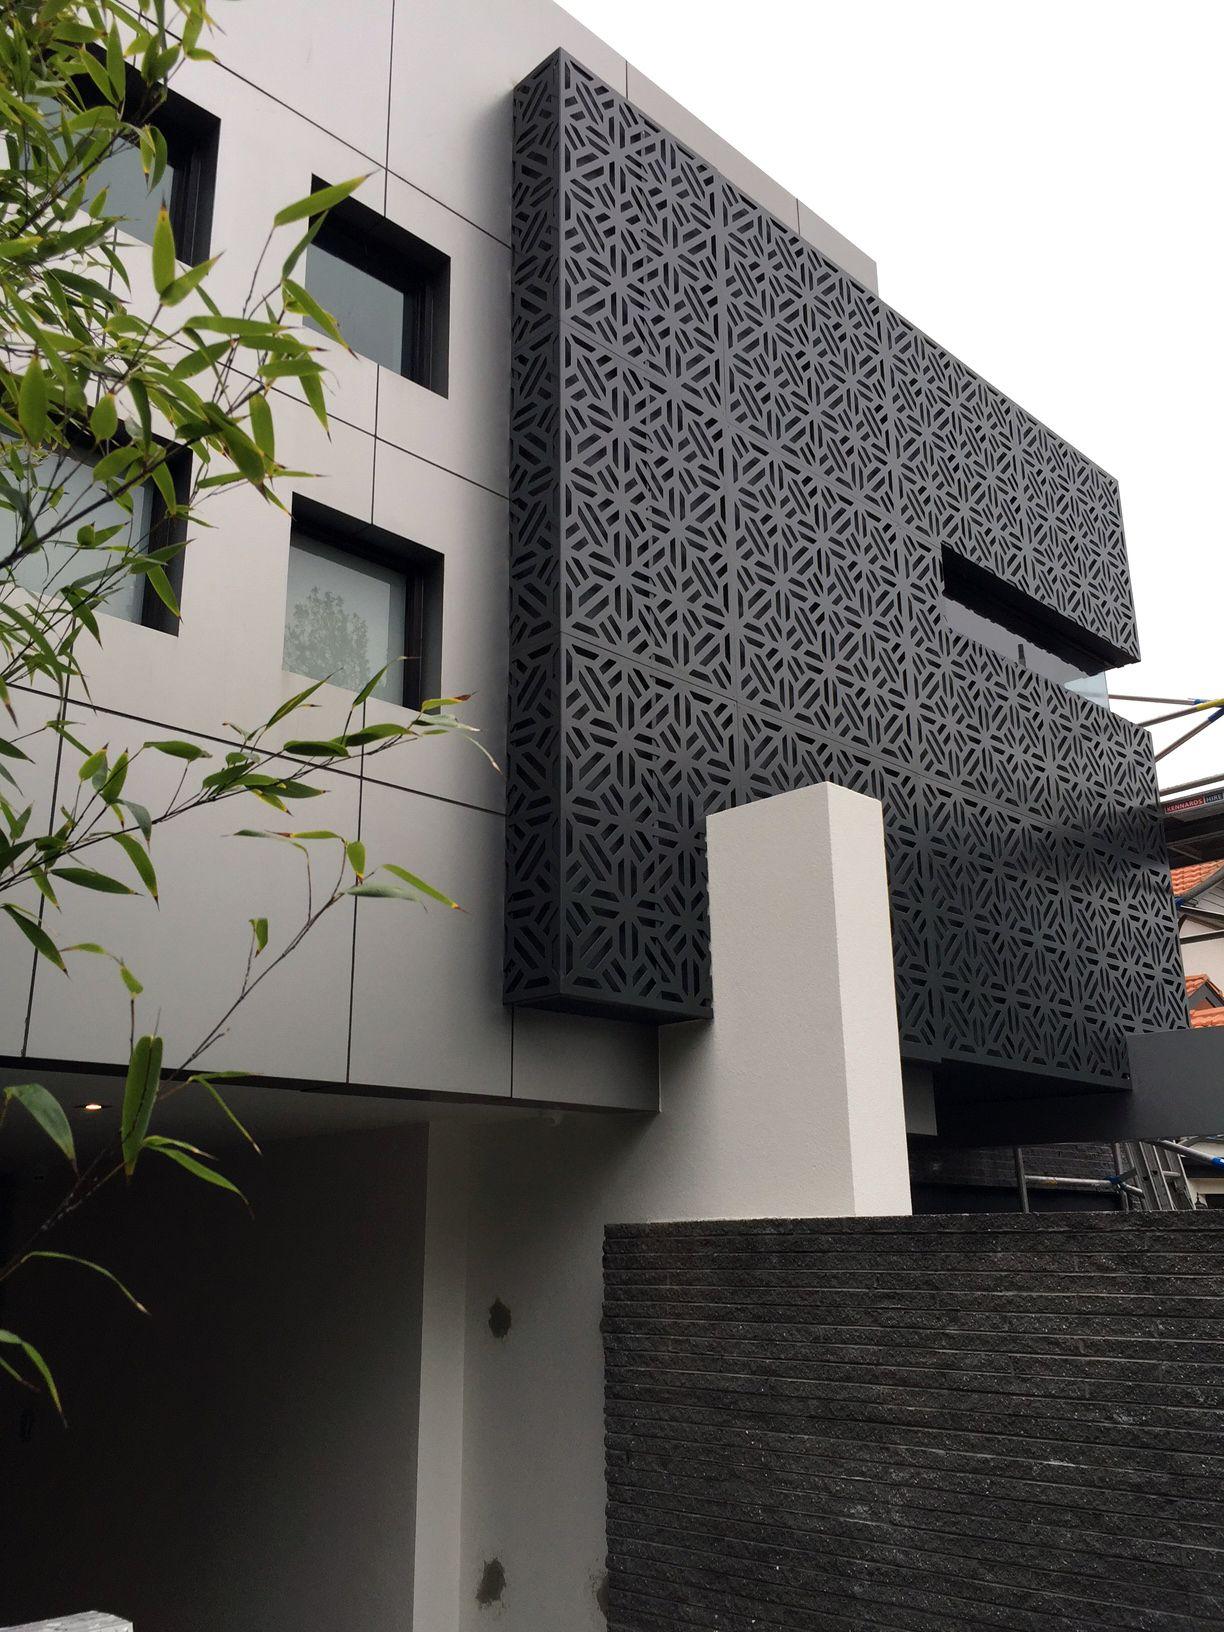 Building Exterior: Perforated Decorative Aluminium Screening, Exterior Facade